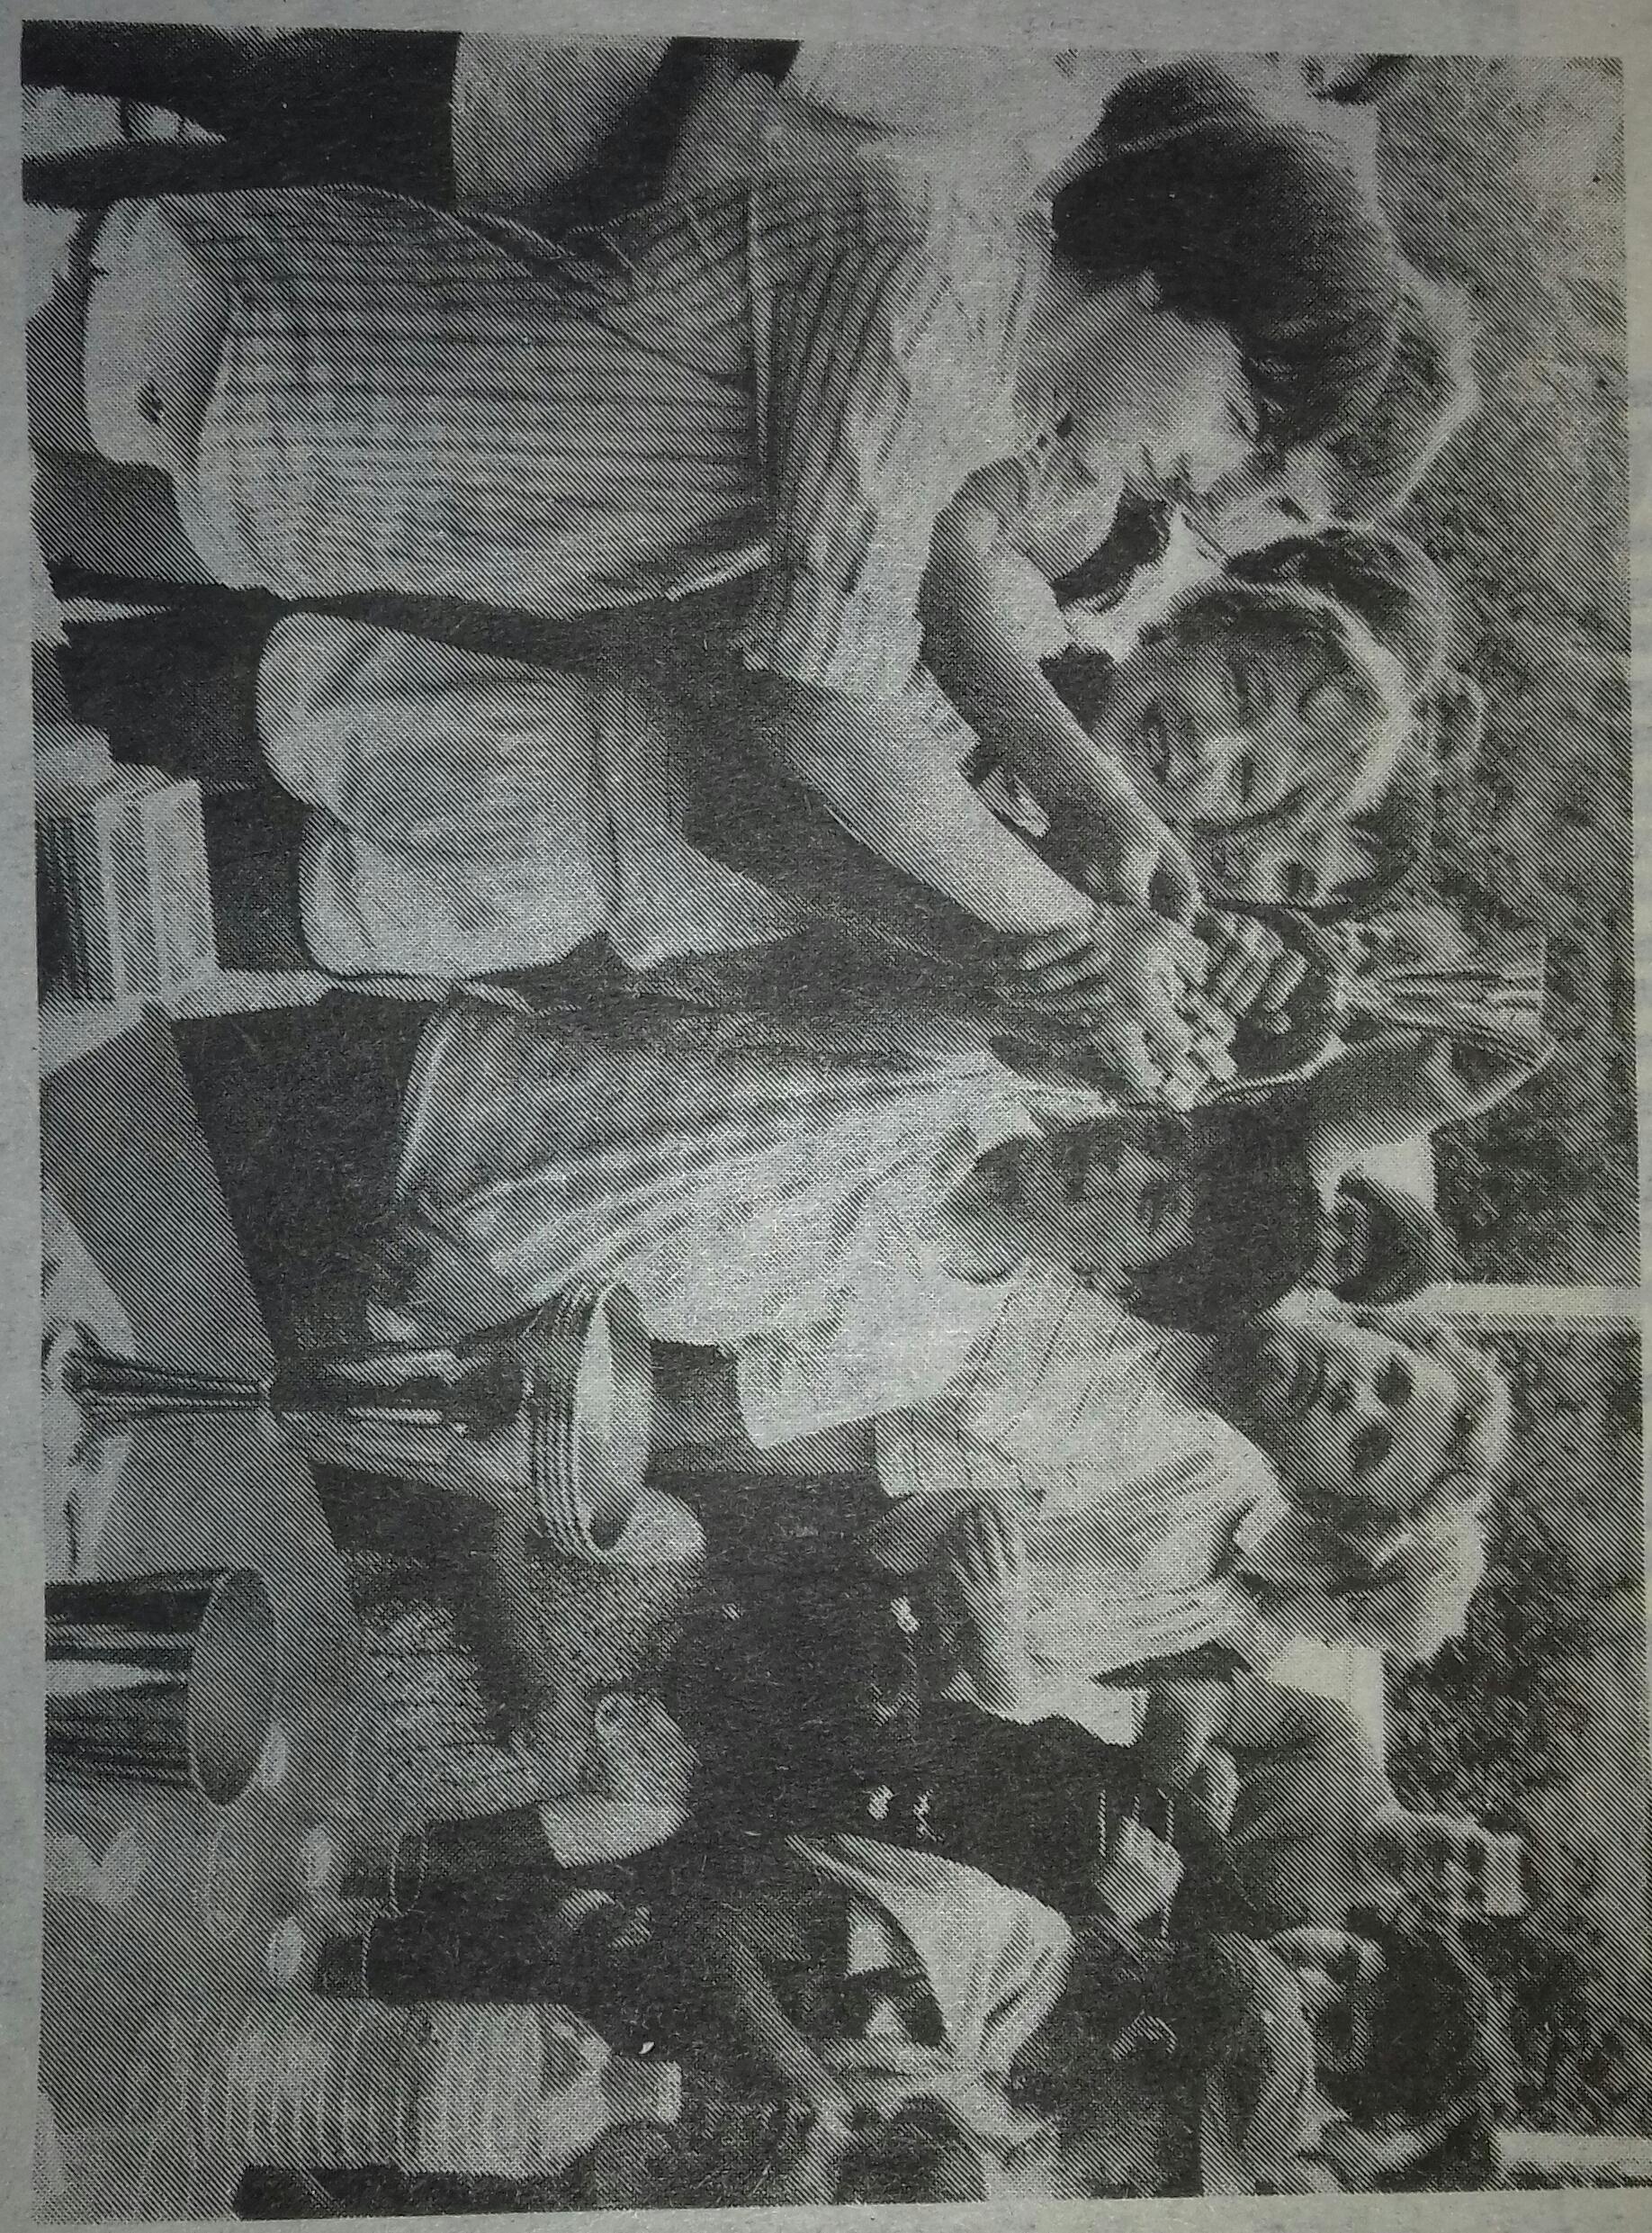 Presse 14 juin 1983